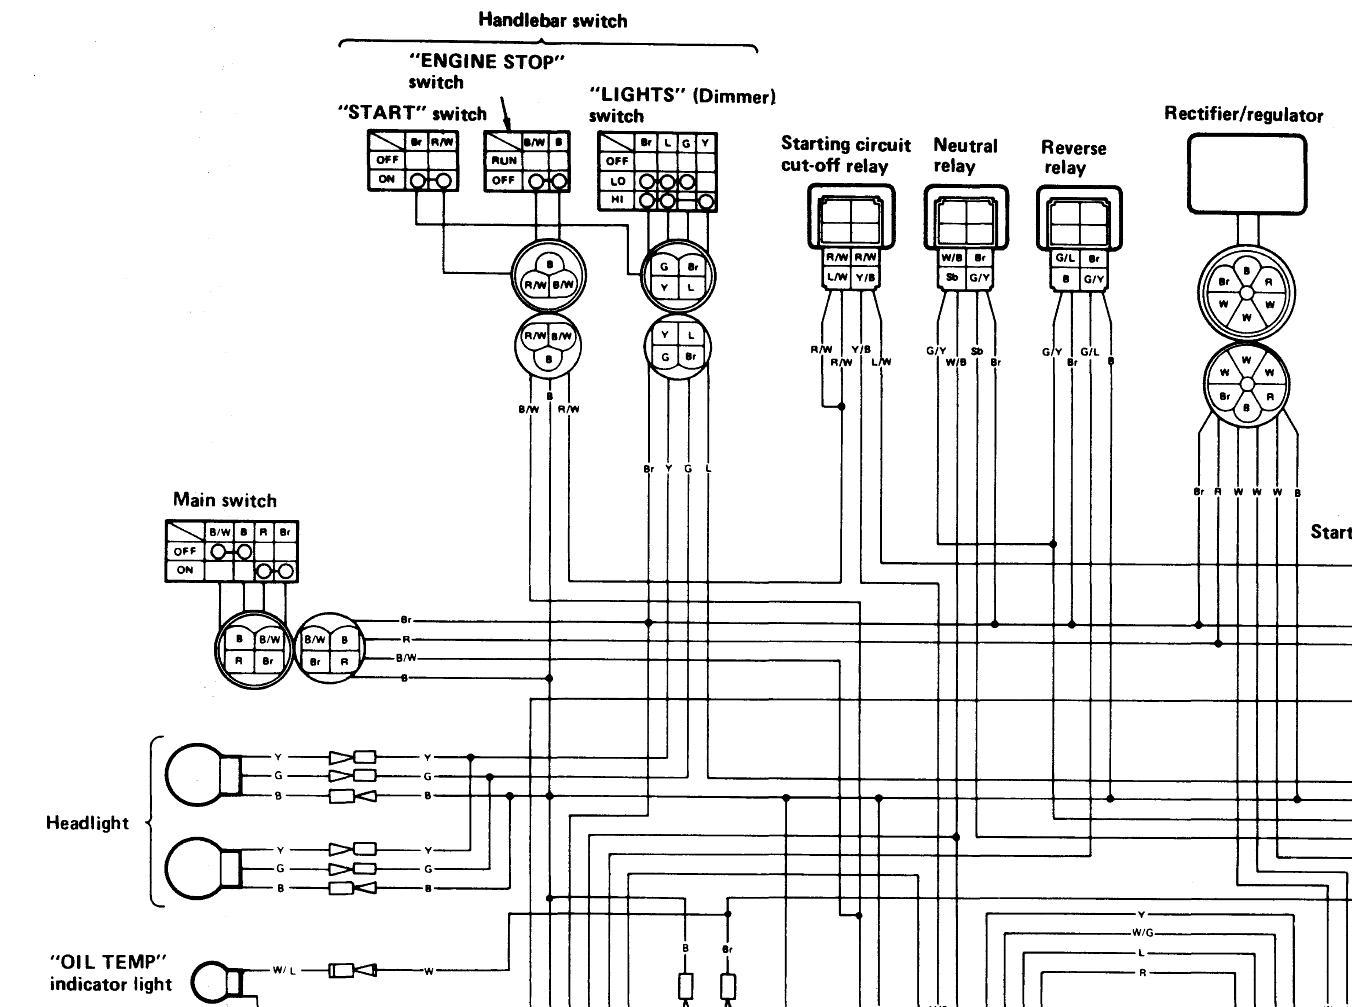 FN_0569] Yamaha 125 Atv Wiring Diagram Free Download Wiring Diagram  Schematic Free DiagramTarg Eumqu Mohammedshrine Librar Wiring 101